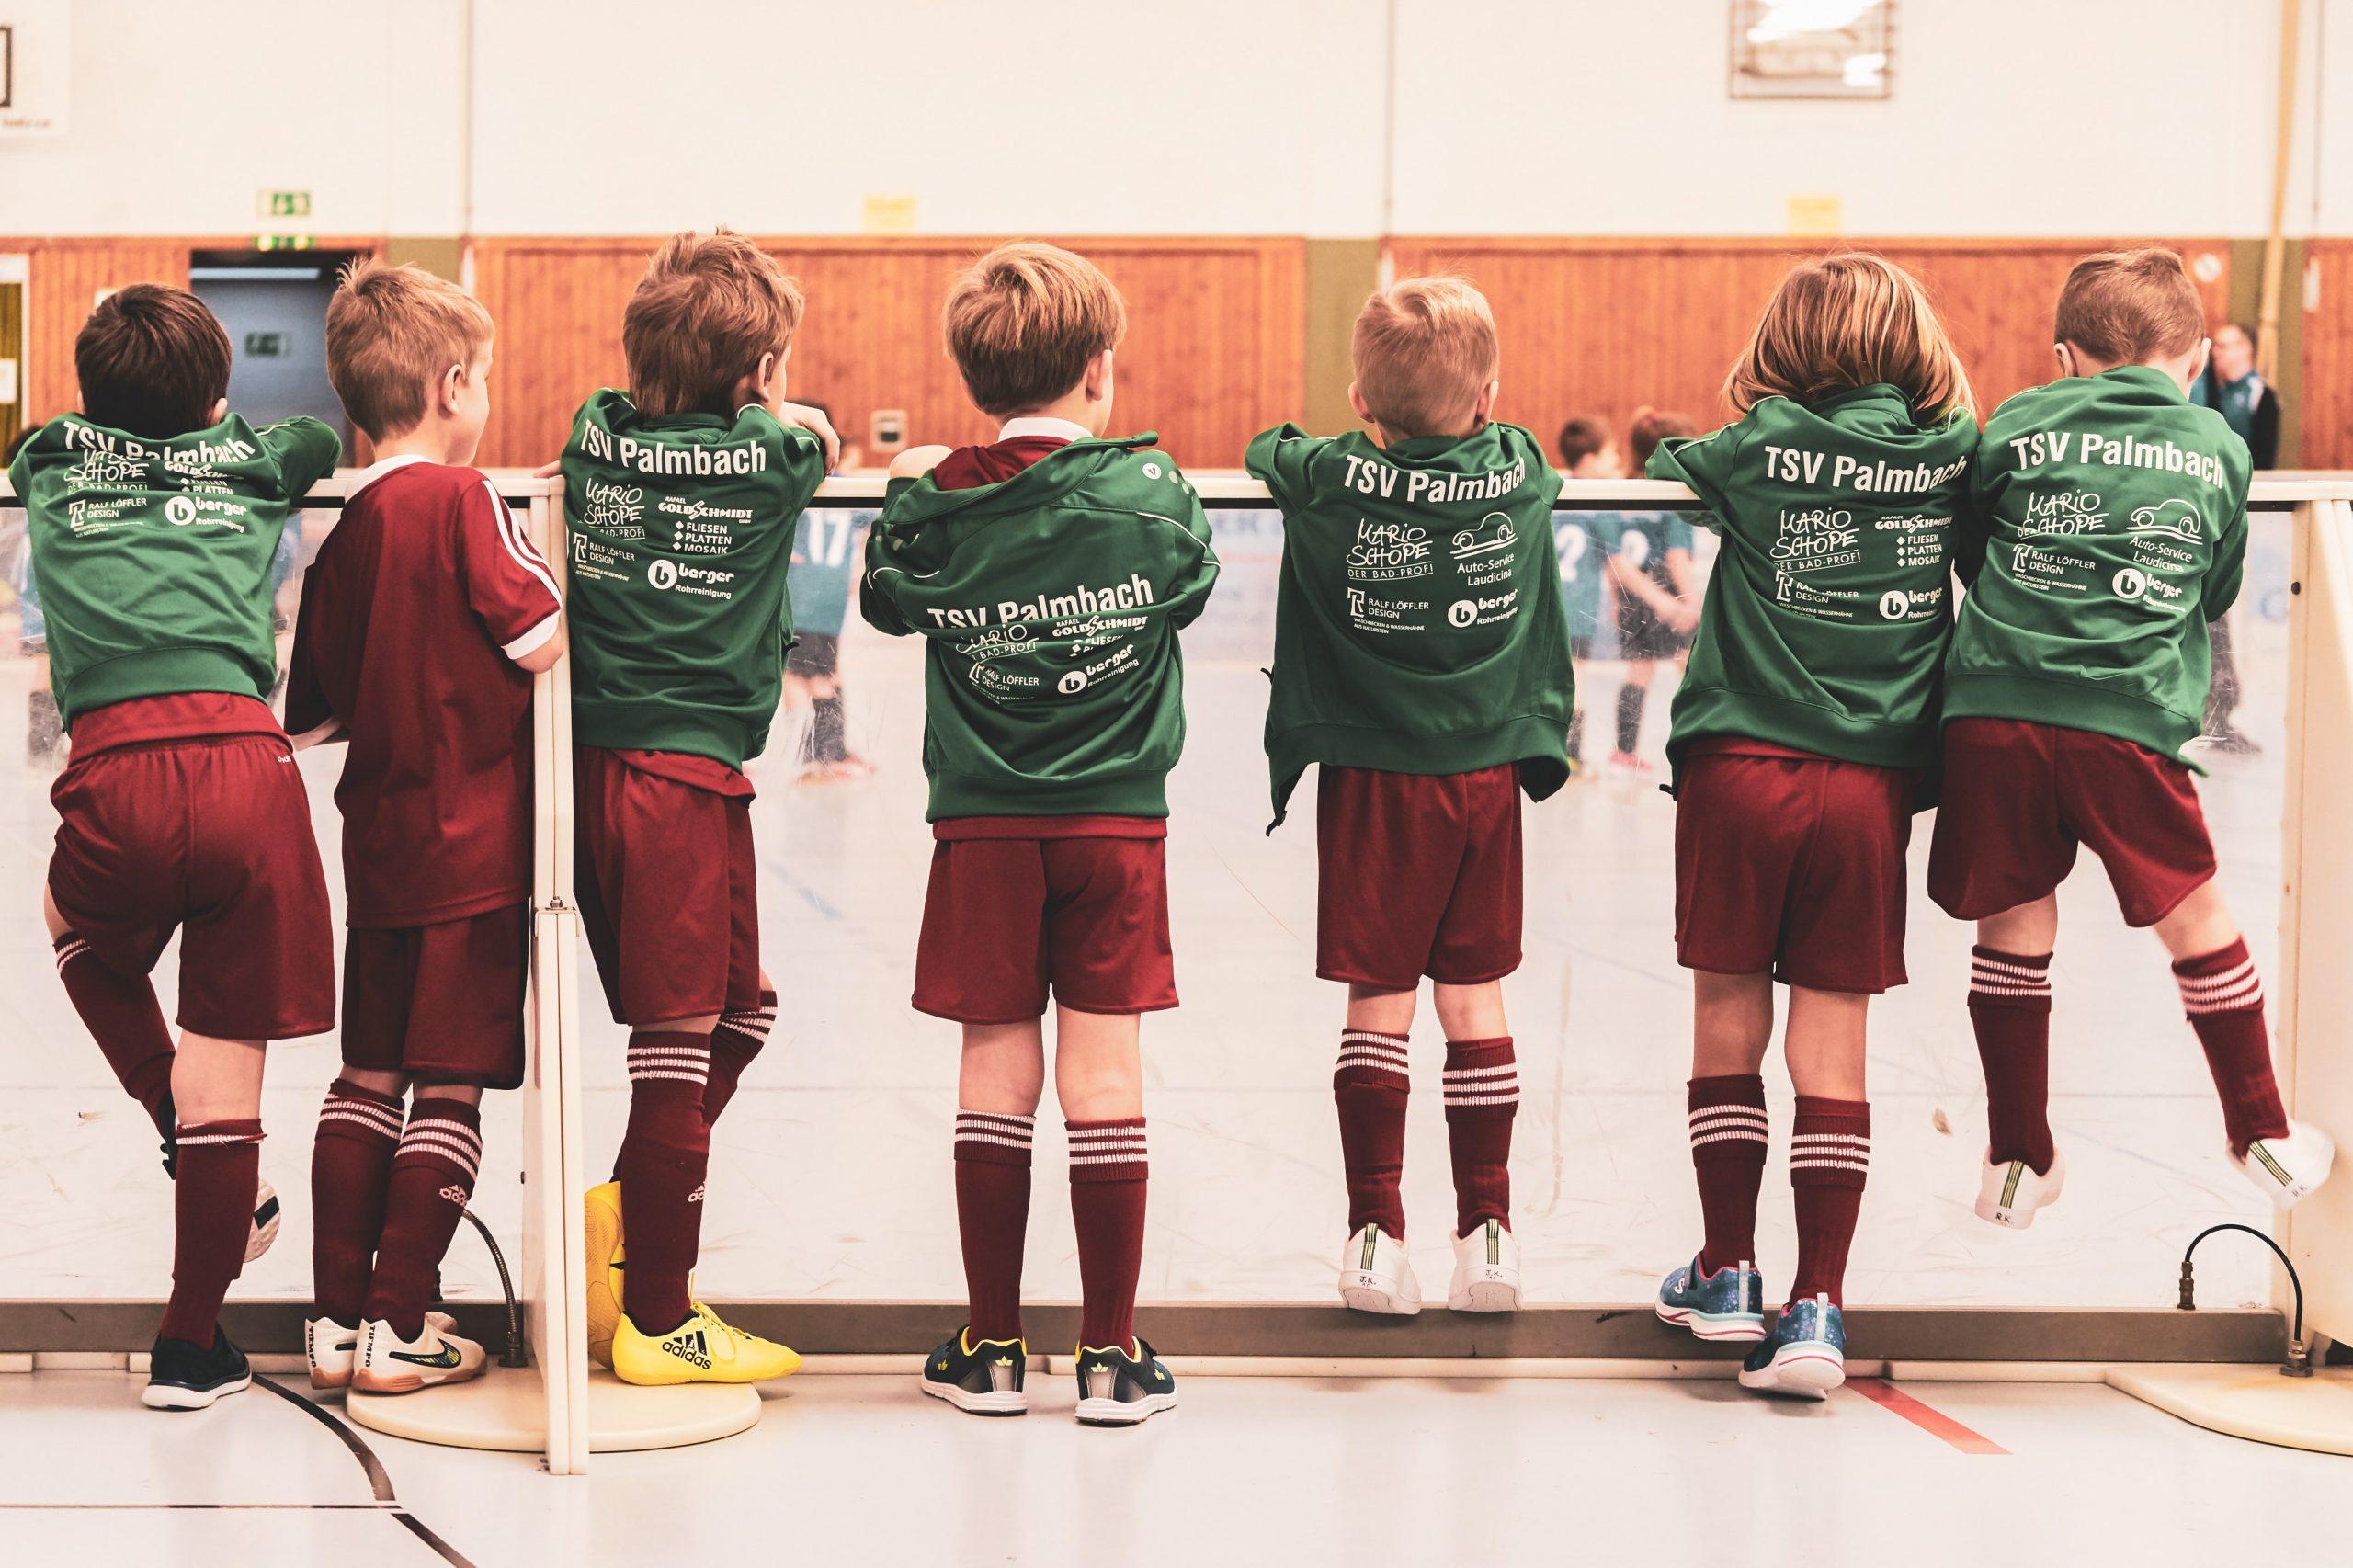 Imagem mostra sete crianças com o uniforme de um time infantil, todas com chuteiras de futsal e alinhadas atrás da proteção de acrílico de uma quadra, observando um jogo que lá se desenrola.